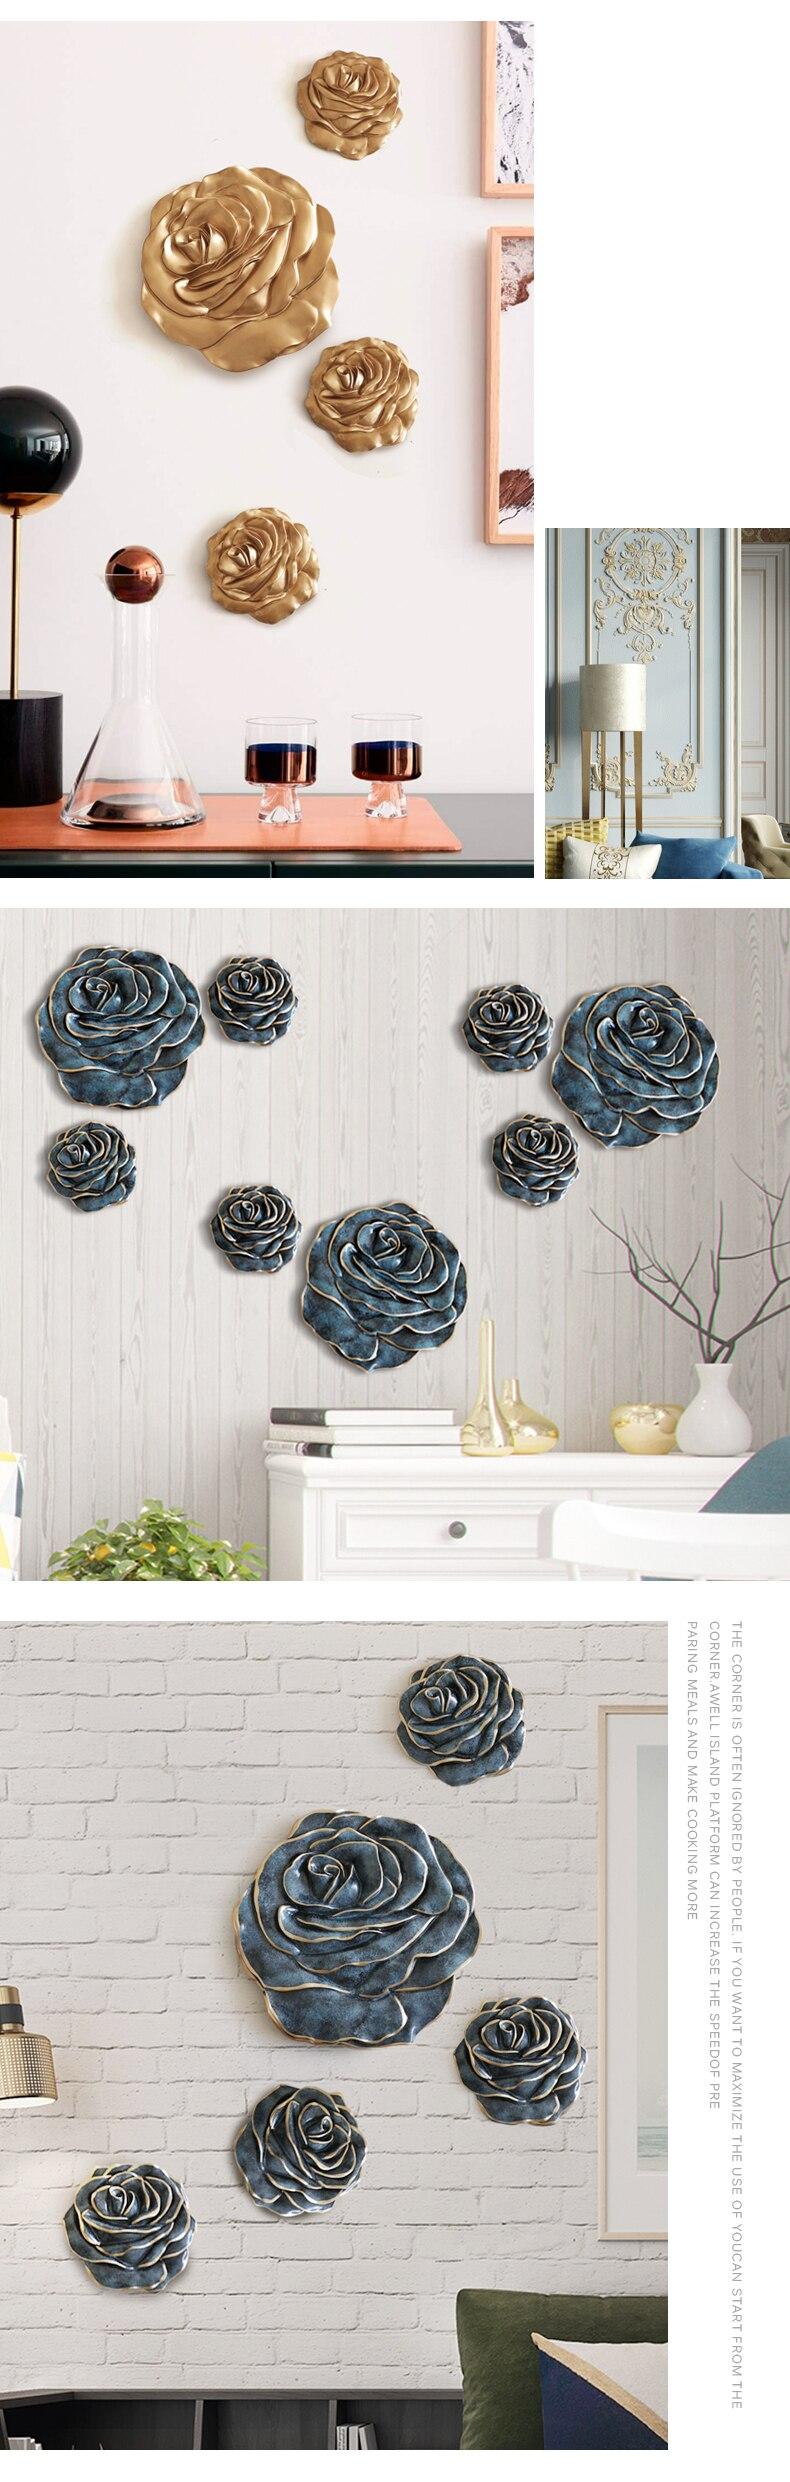 3d adesivos de parede resina rosa flor